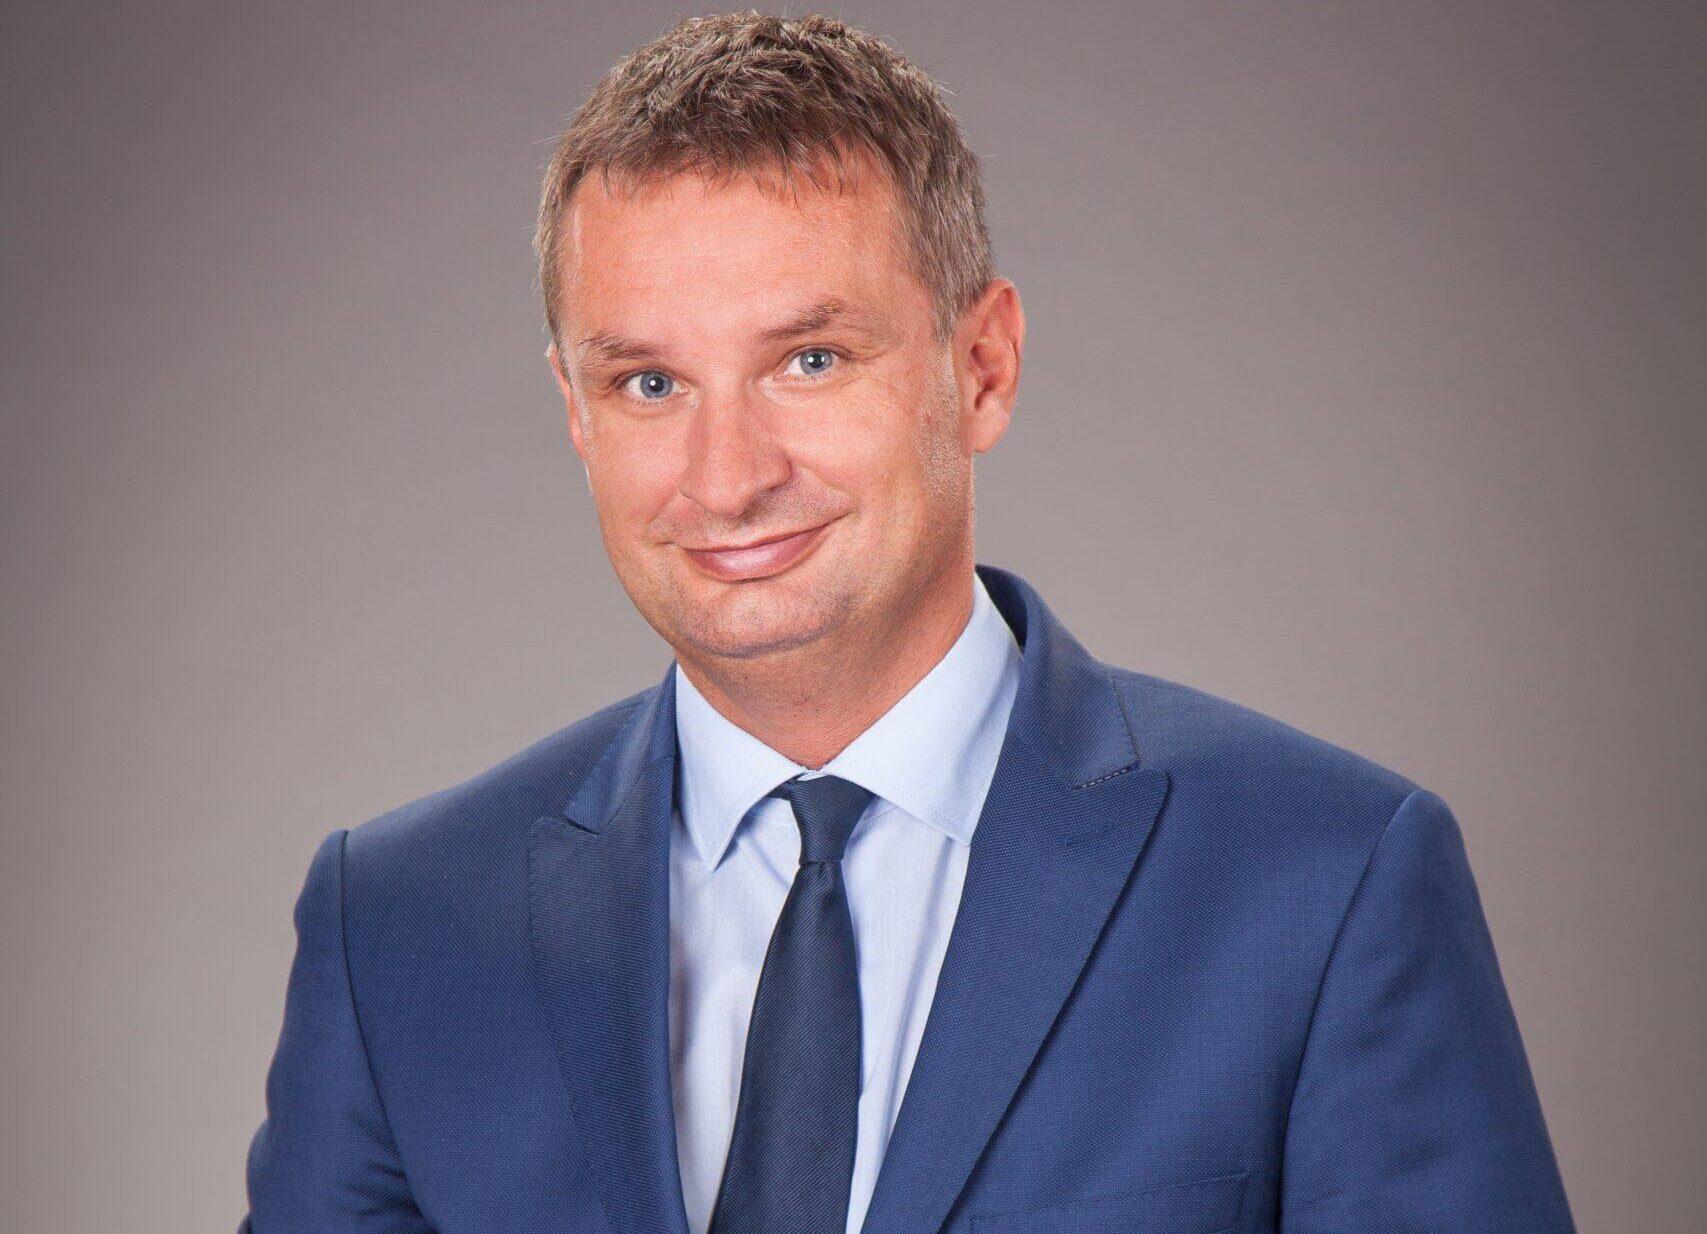 Prof. Paweł Bogdański: Otyłość to przewlekła choroba z wieloma konsekwencjami klinicznymi